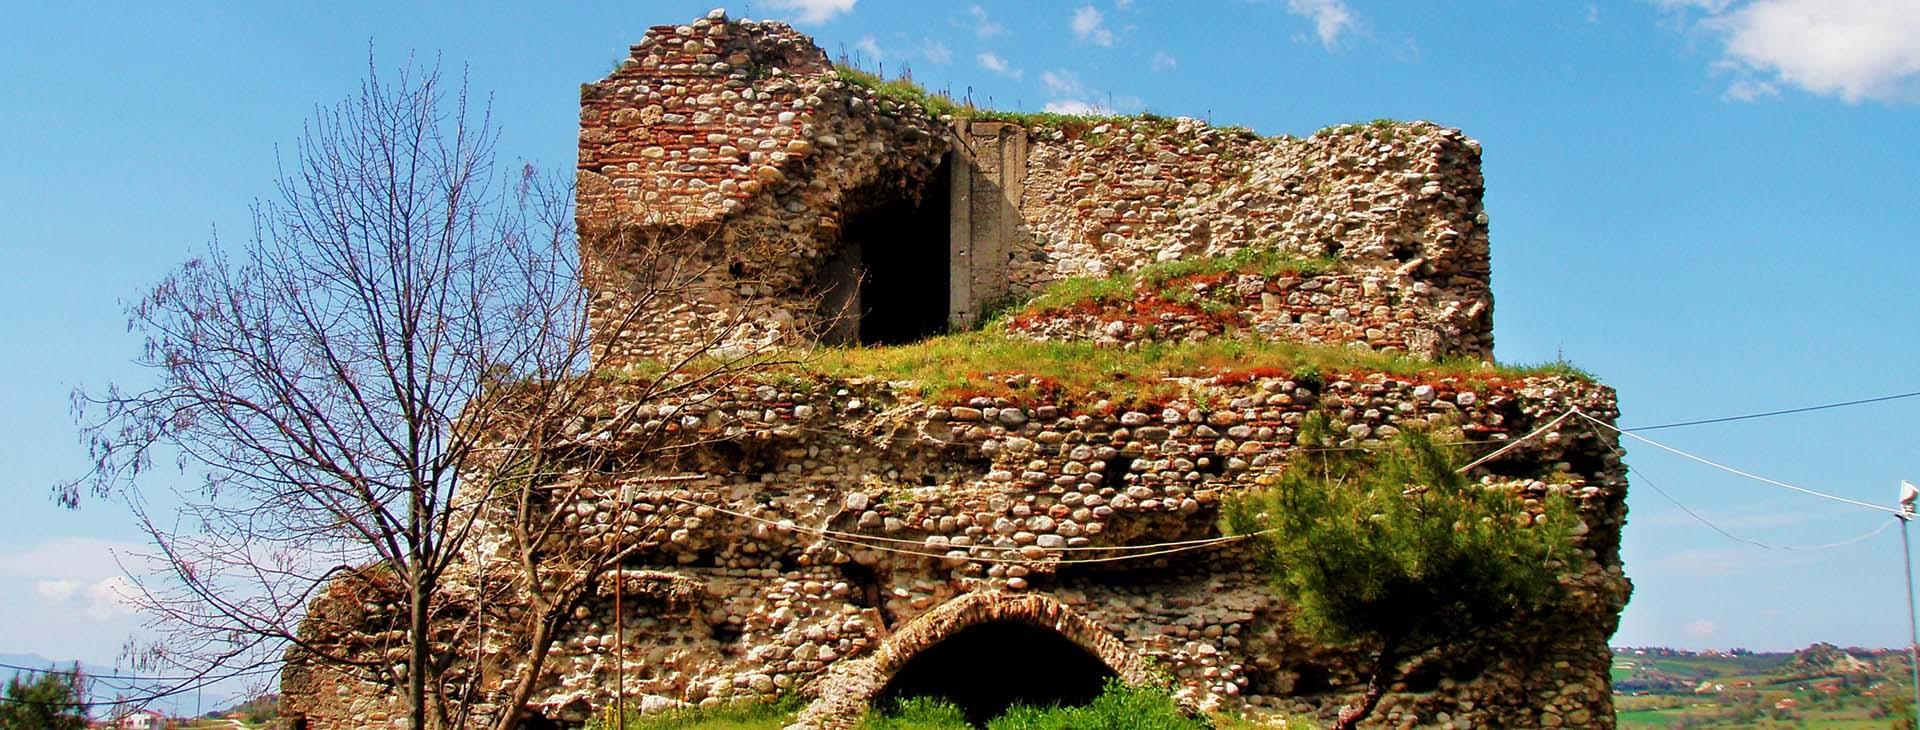 Orestis Tower, Serres